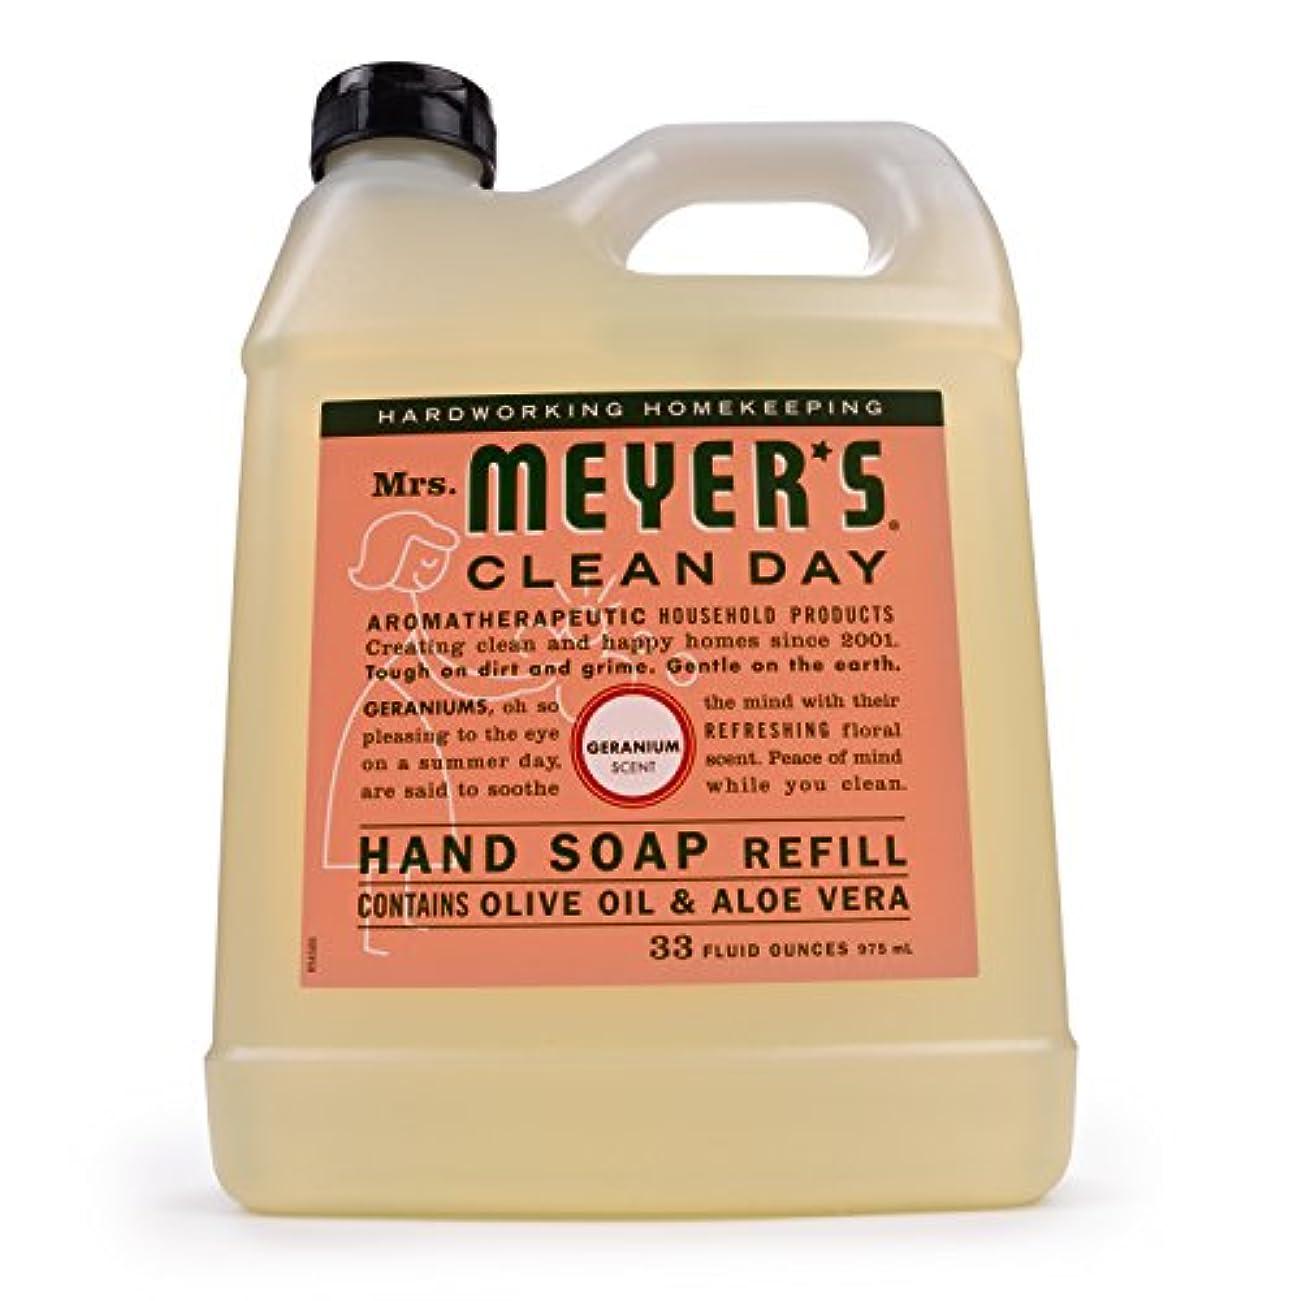 負担見出しクロニクルMrs. Meyer's Clean Day Liquid Hand Soap Refill,33 oz,Geranium by Mrs. Meyer's Clean Day